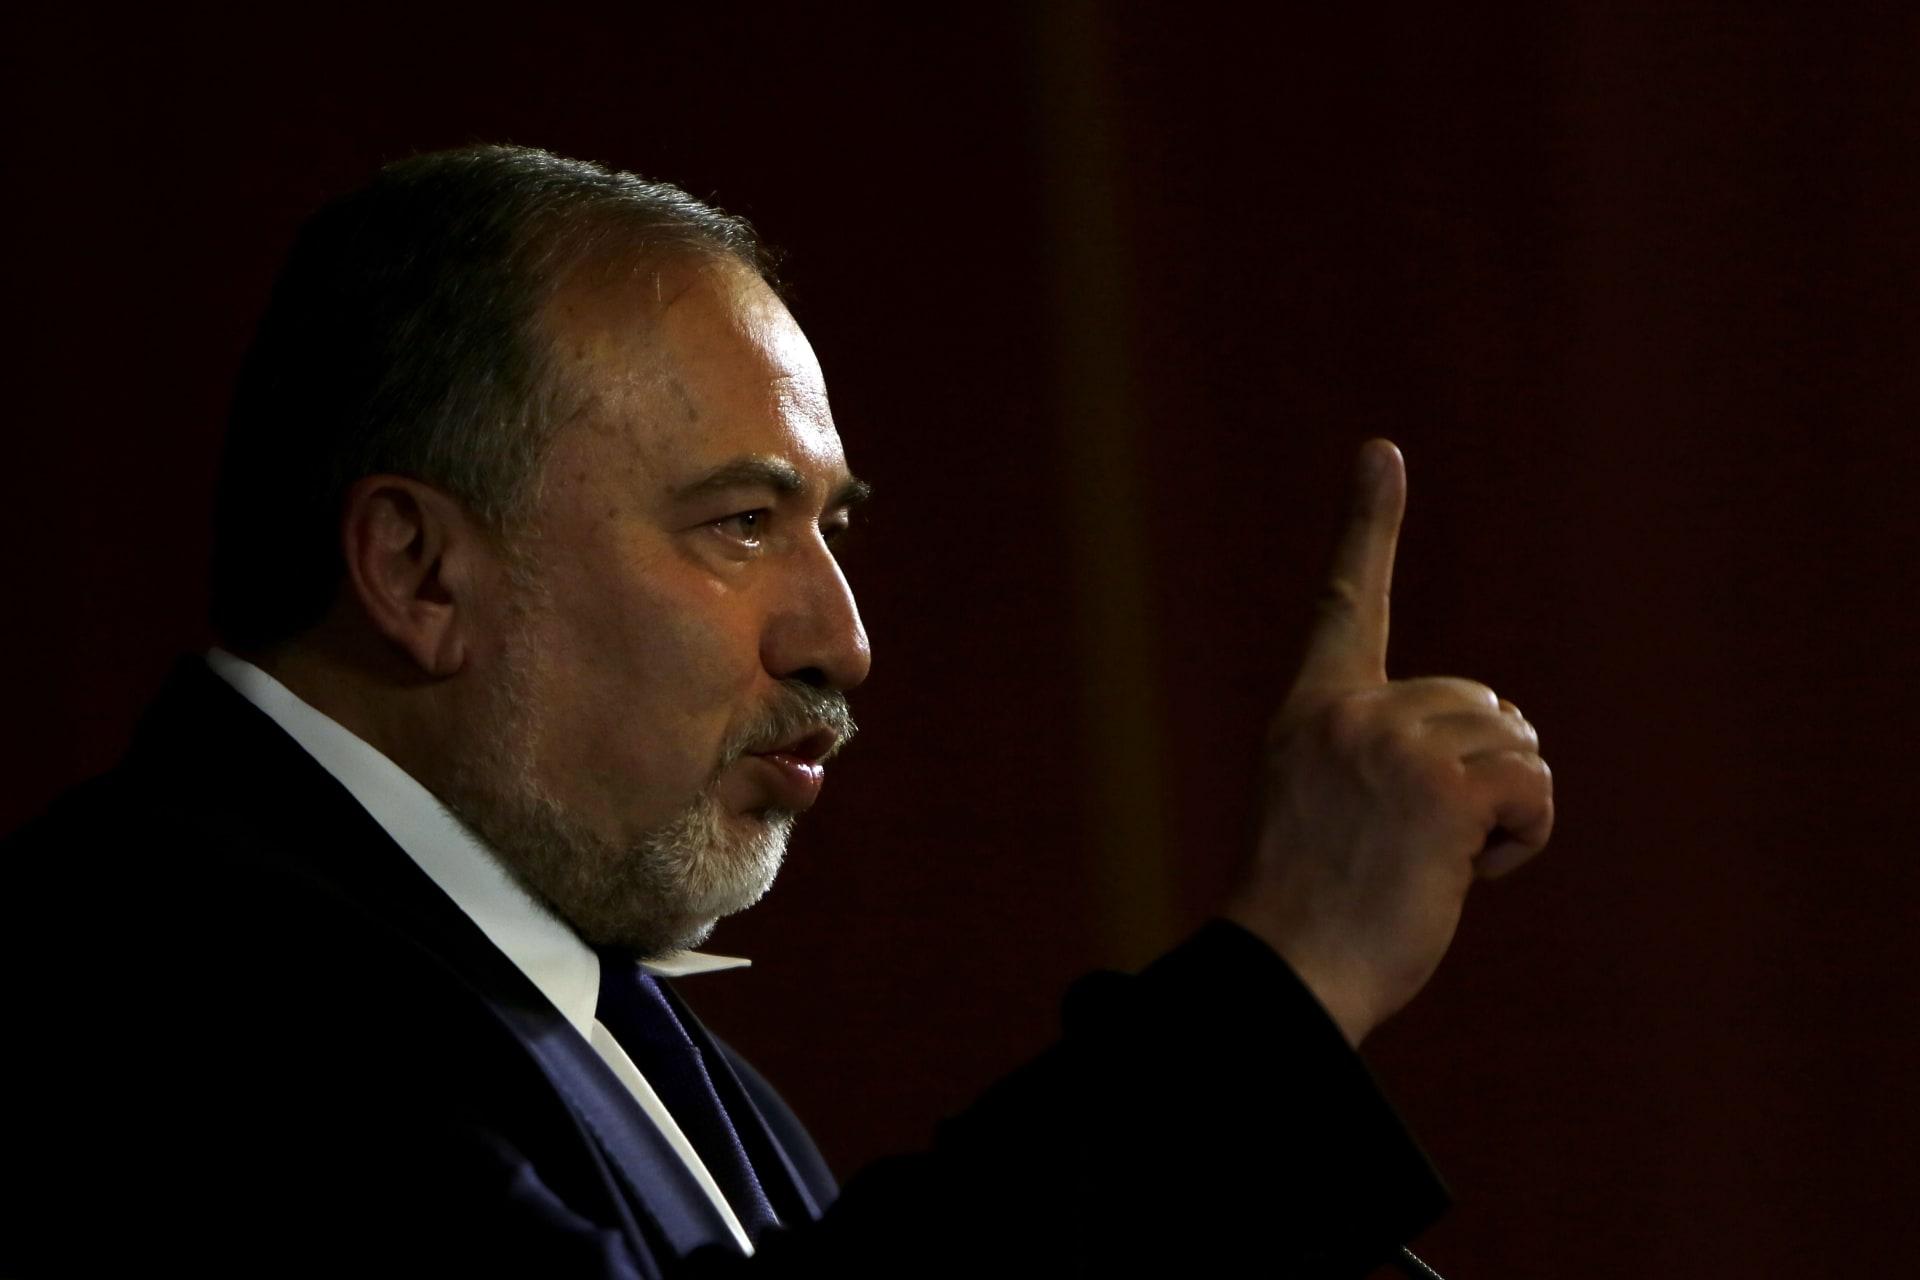 ليبرمان: إسرائيل ليست معنية بالاحتكاك مع روسيا